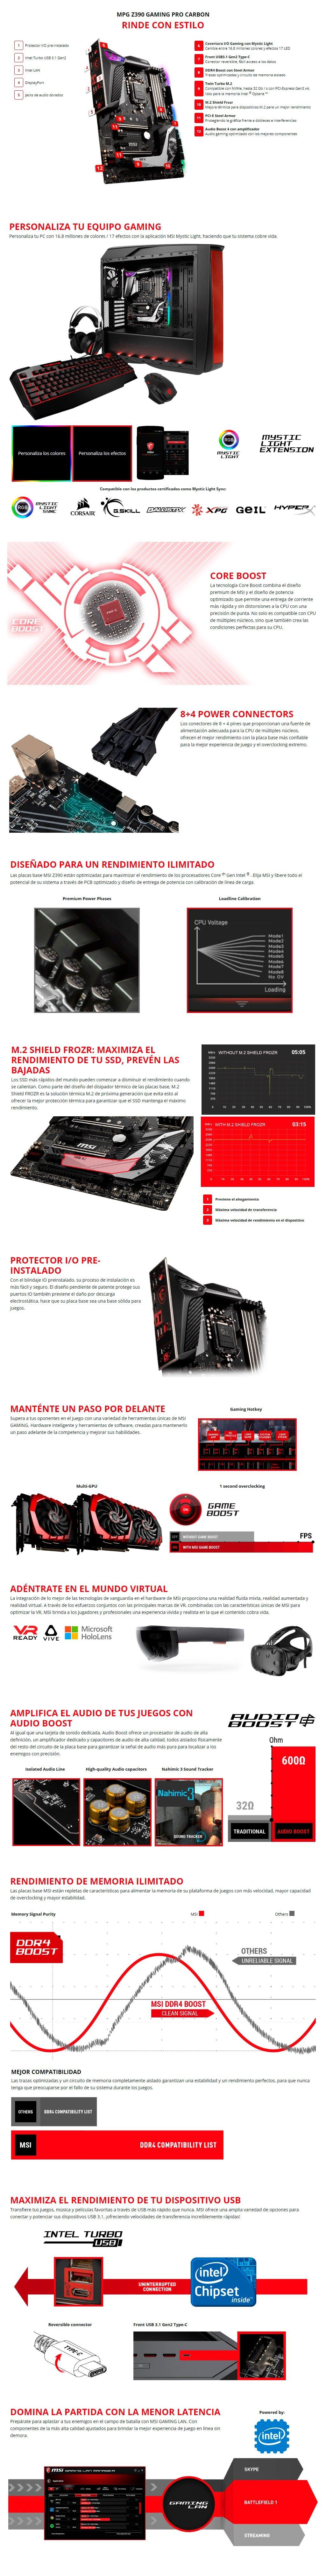 MSI MPG Z390 Pro Carbon